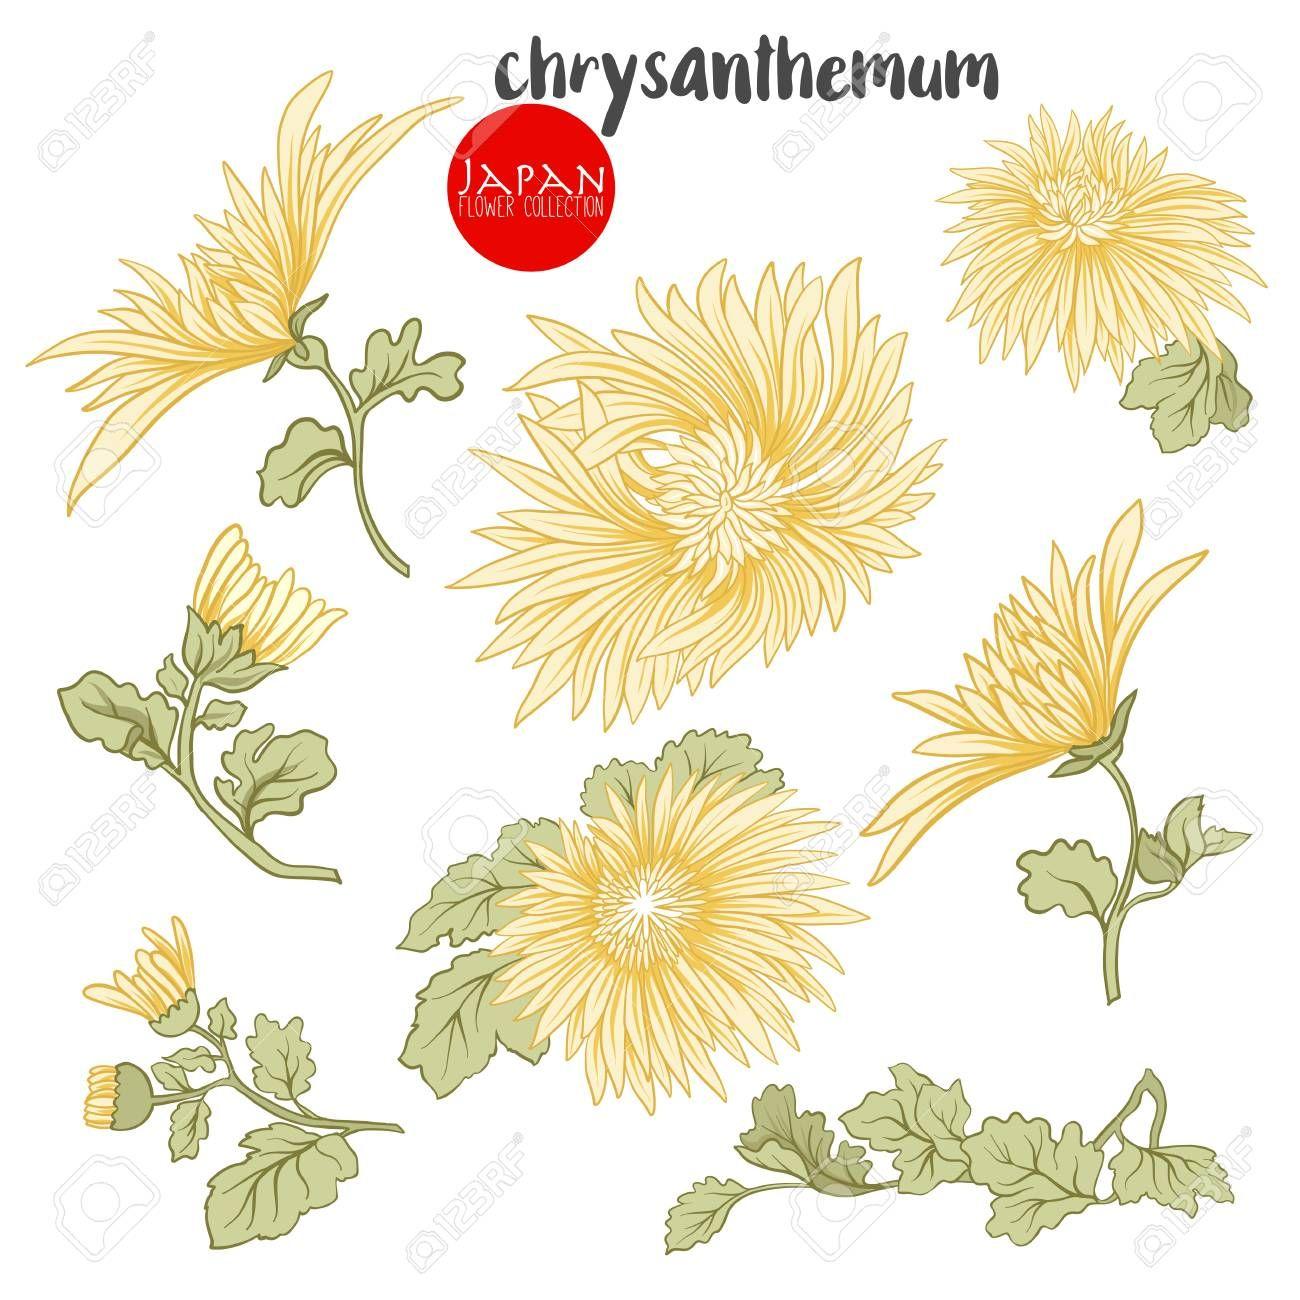 Chrysanthemum Flowers Stock Line Vector Illustration Botanic Flowers Sponsored Stock In 2020 Chrysanthemum Flower Chrysanthemum Vector Illustration